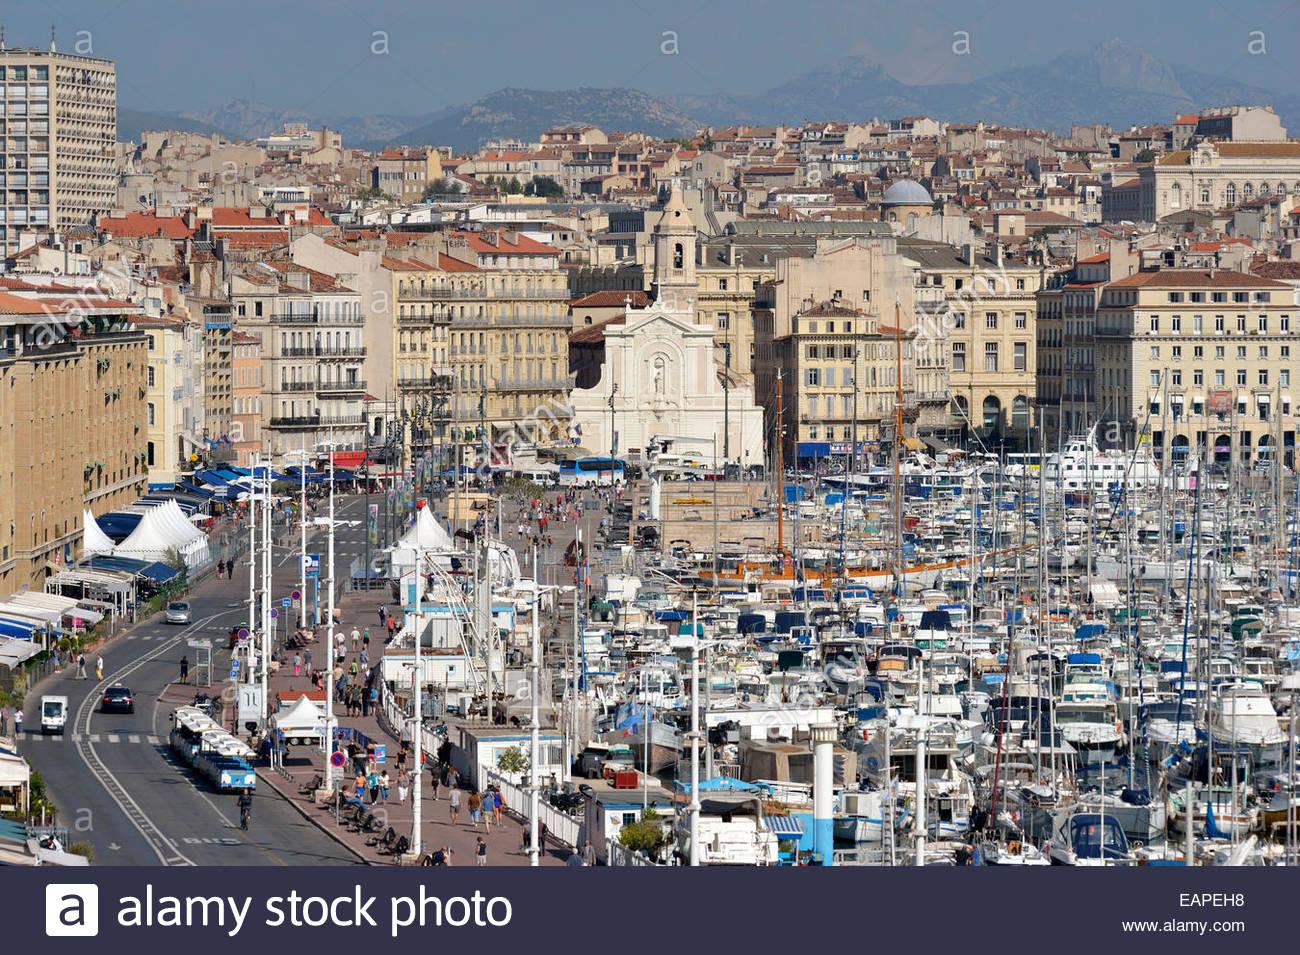 Marseille port stock photos marseille port stock images - Parking vieux port fort saint jean marseille ...